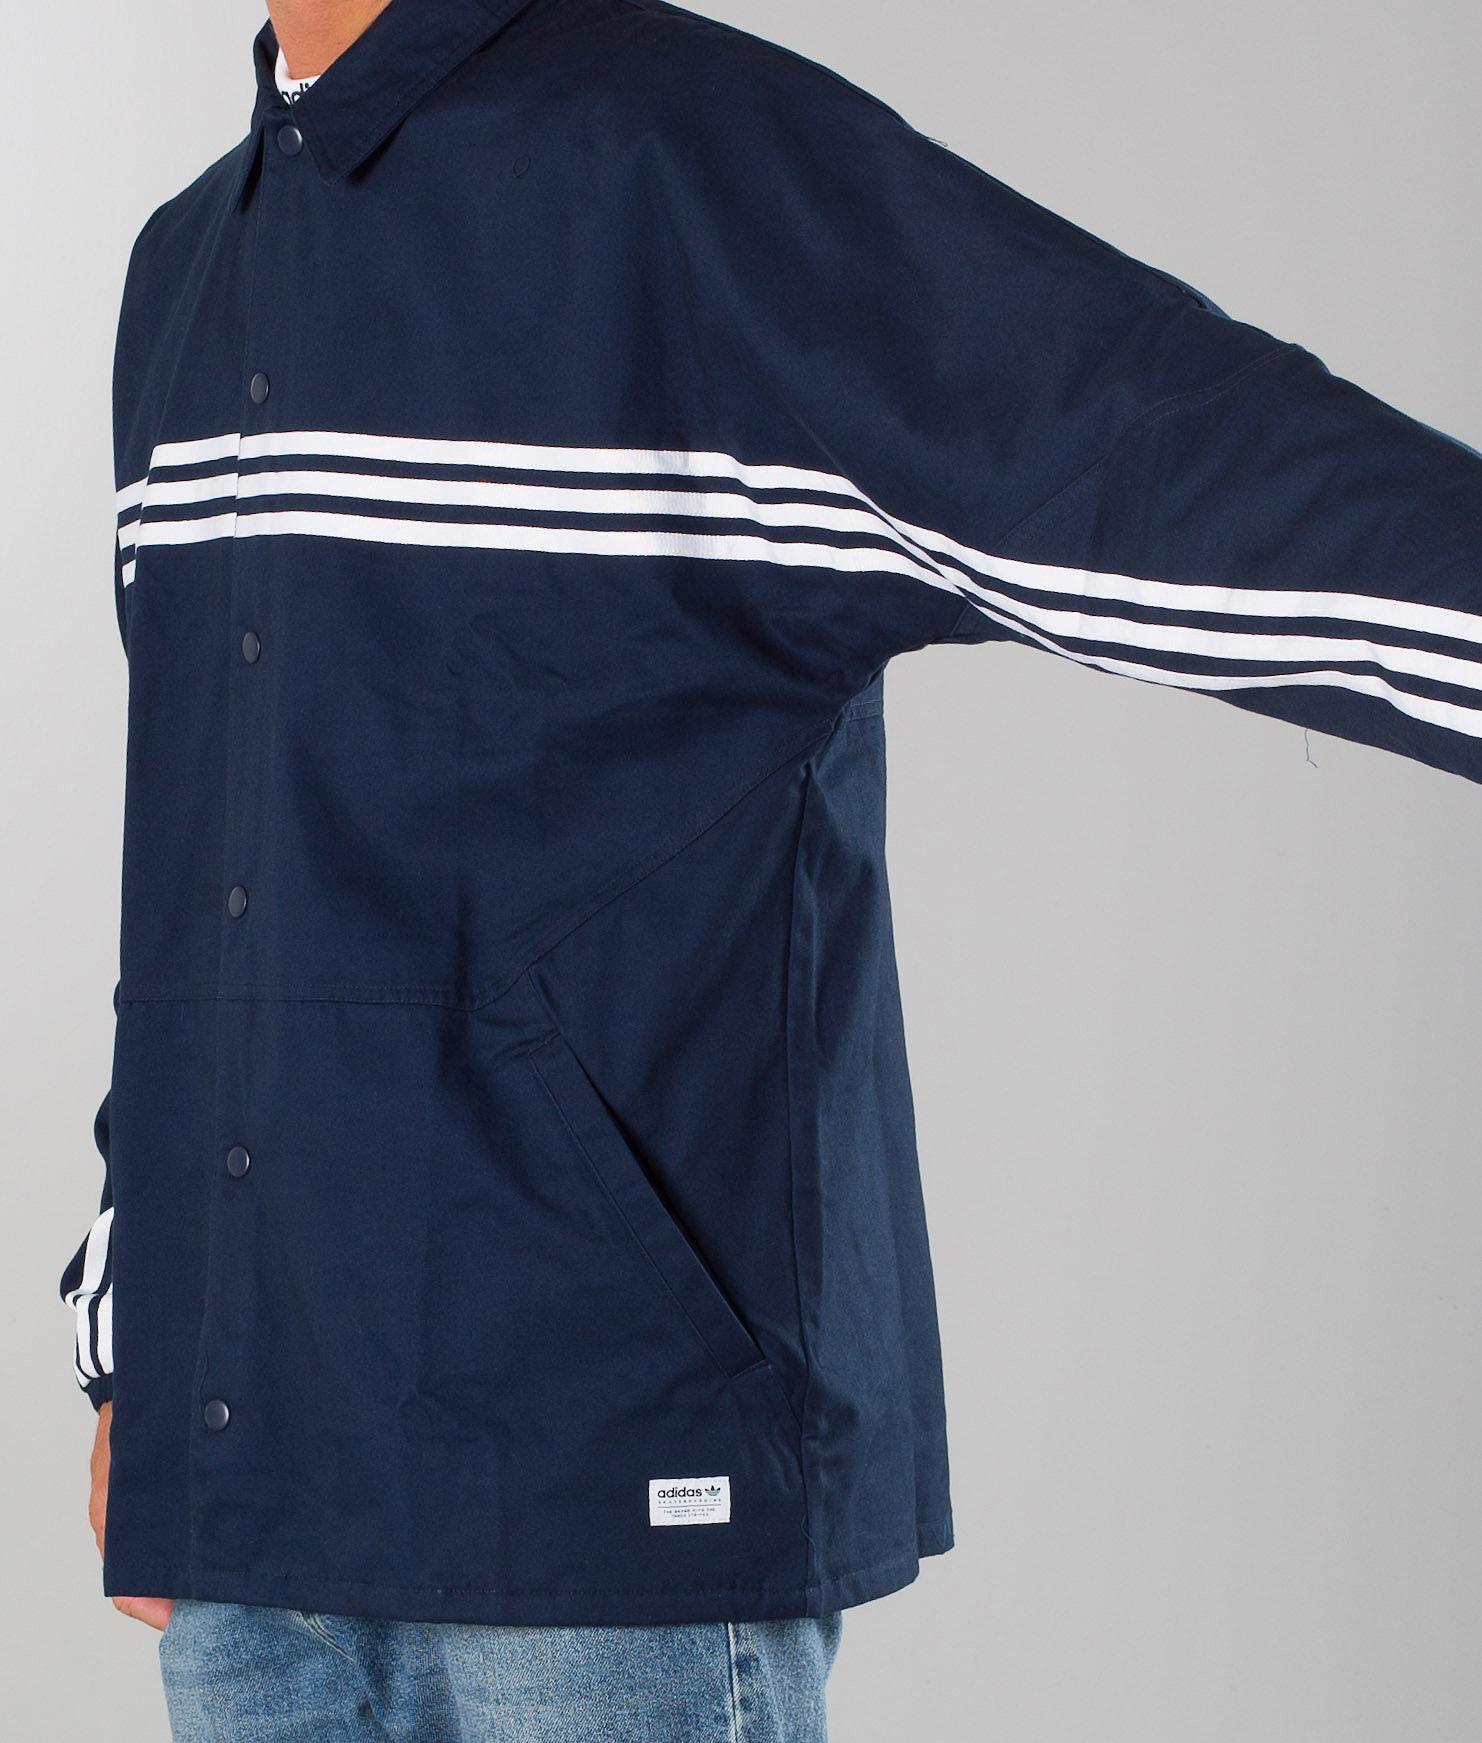 943d4470d4d7 Adidas Skateboarding Schlepp Jacket Collgegiate Navy/White